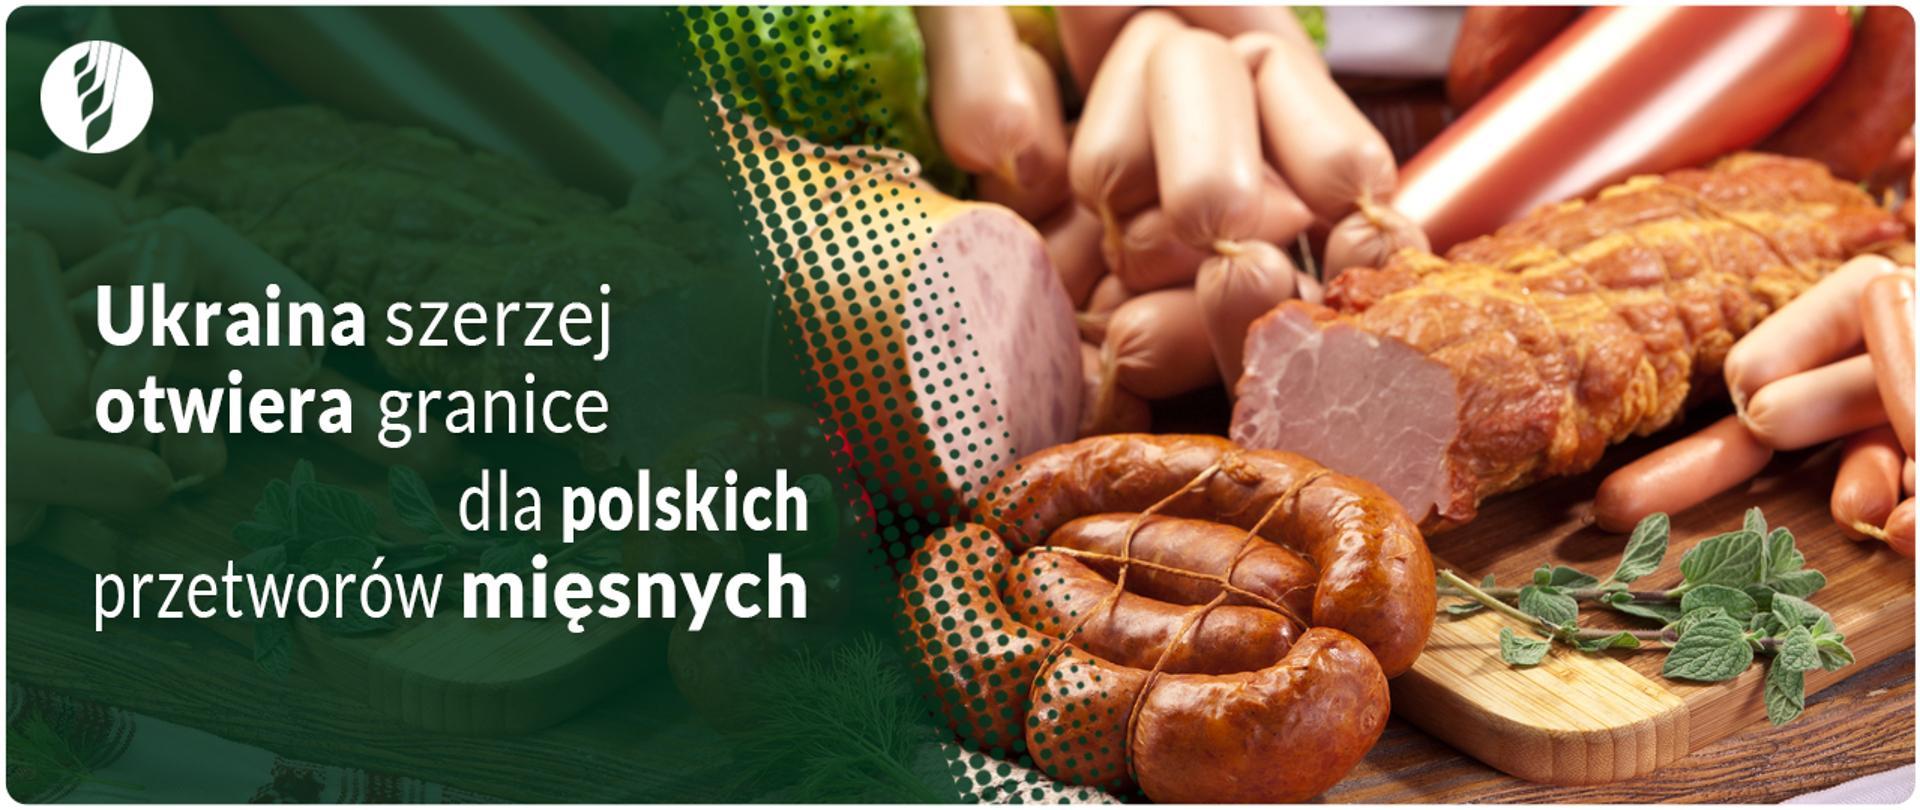 Nowe świadectwo weterynaryjne na produkty mięsne eksportowane na Ukrainę